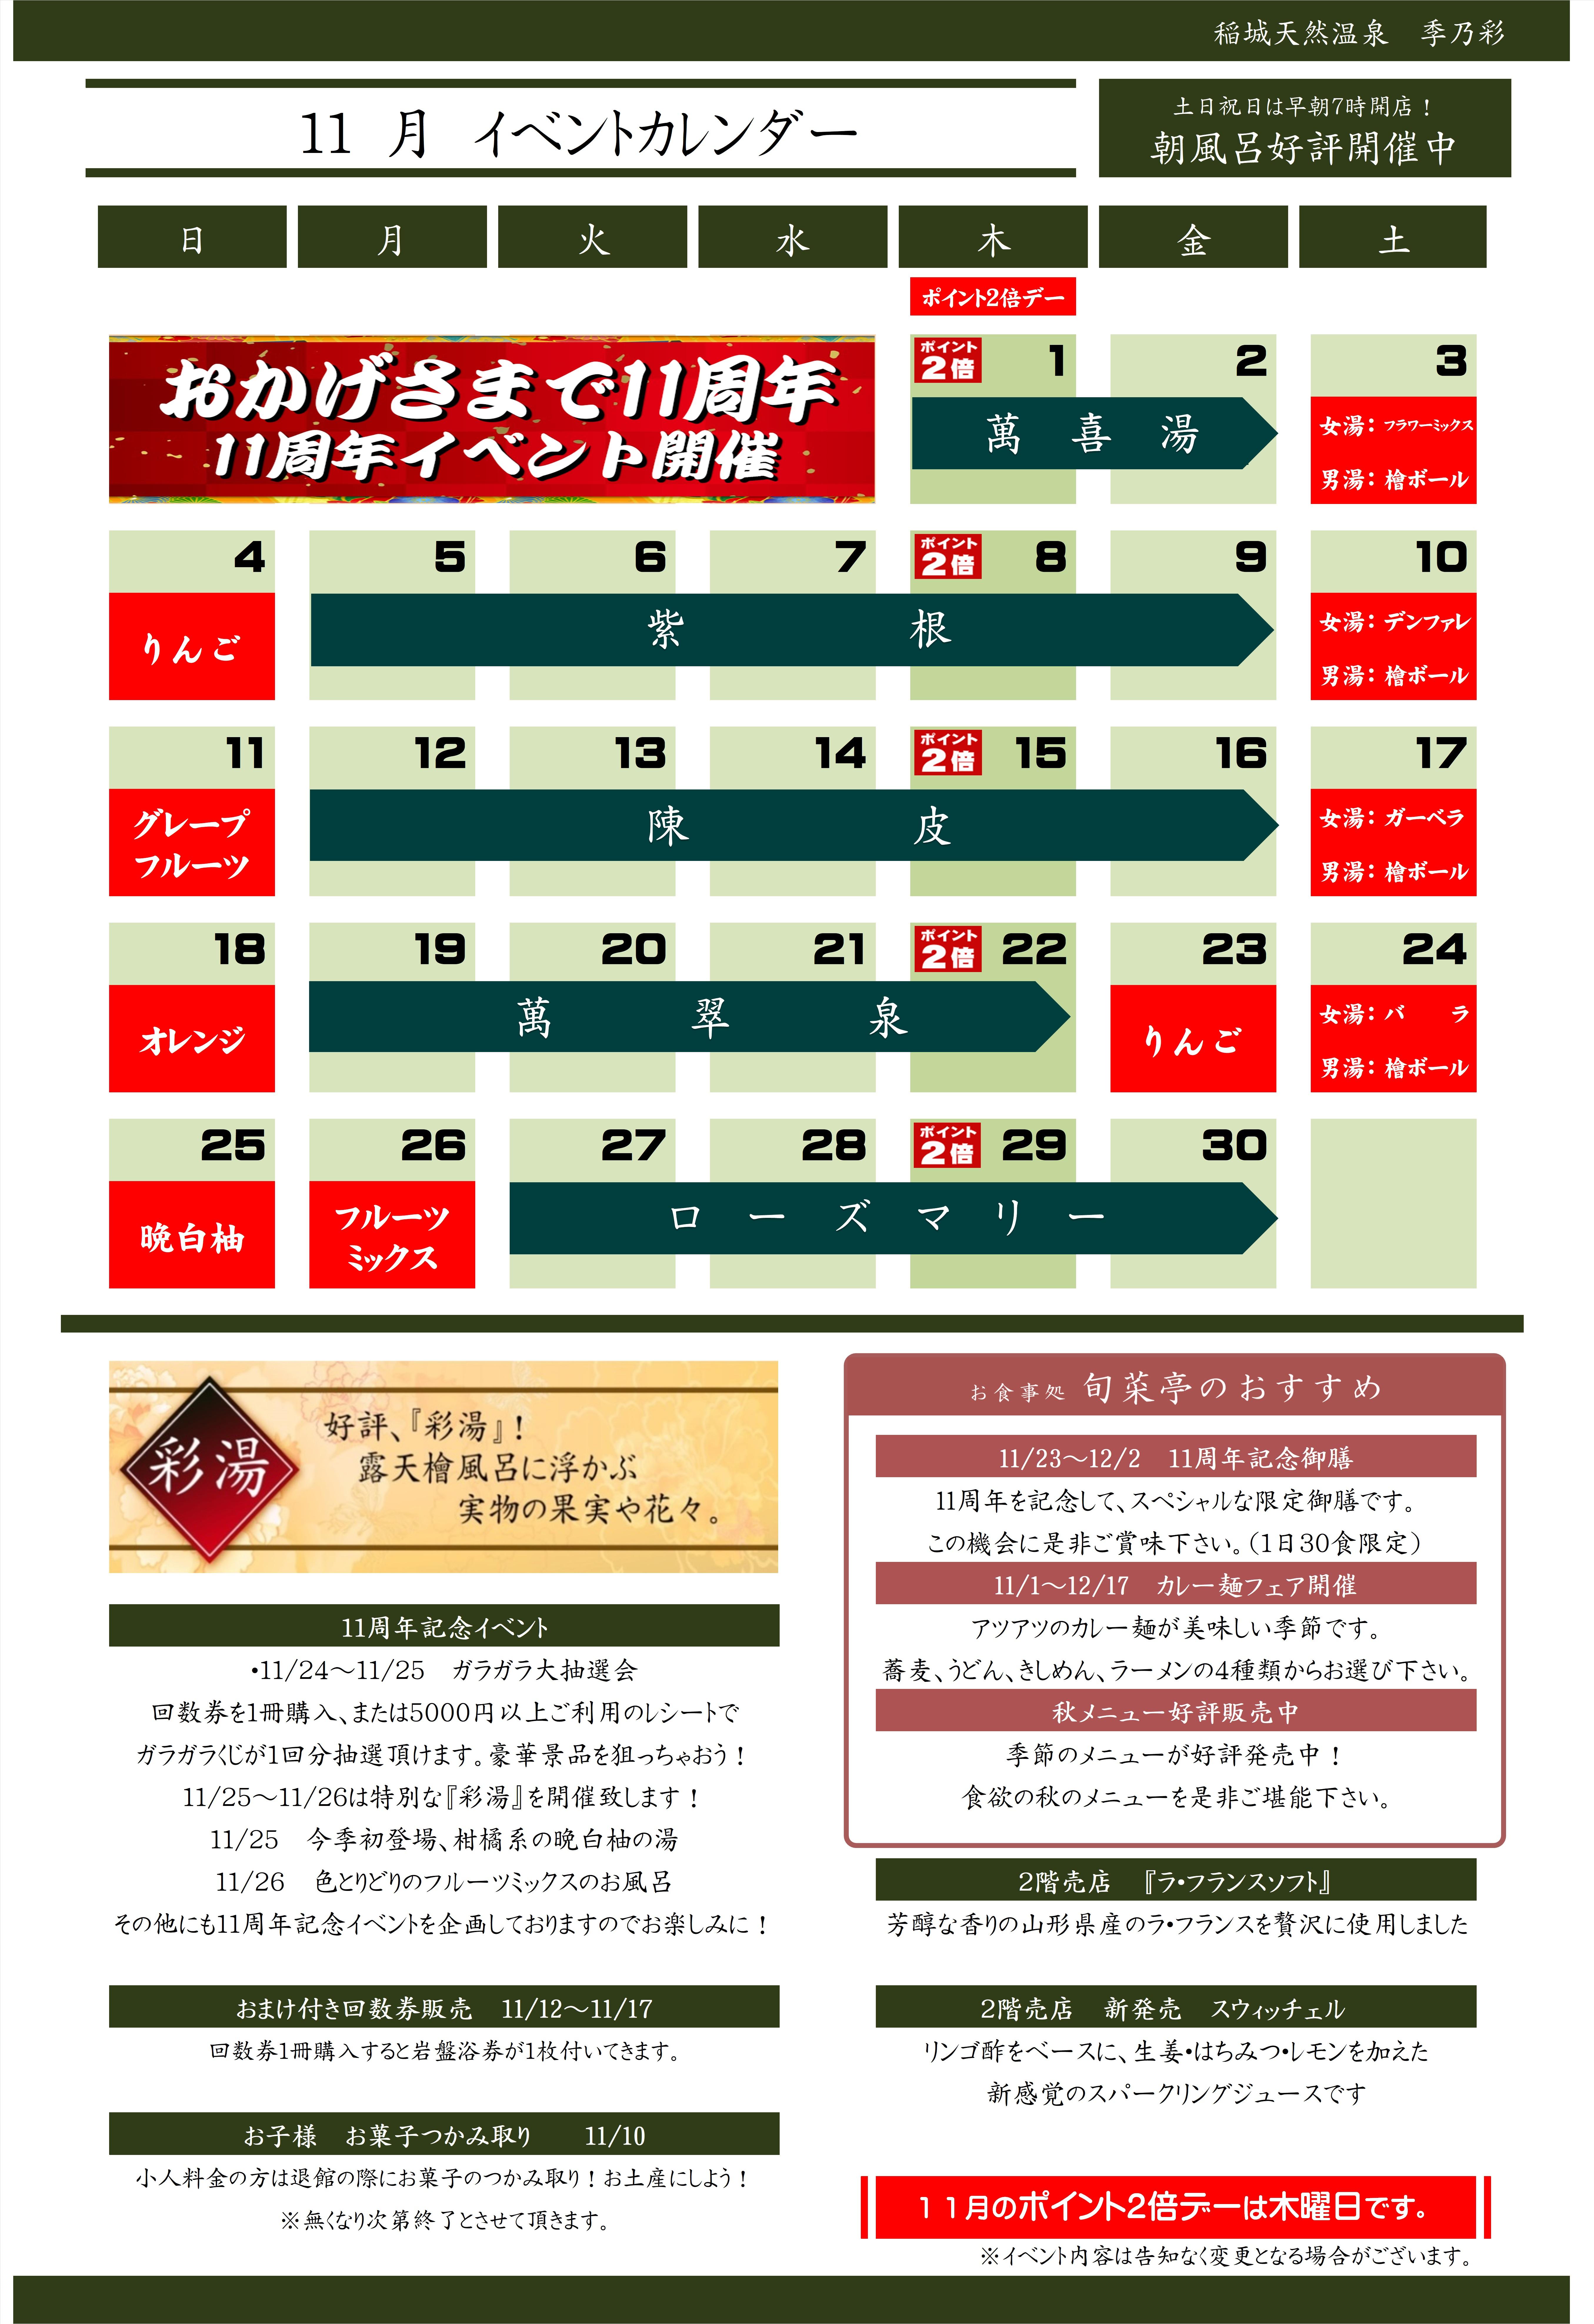 イベントカレンダー 201811